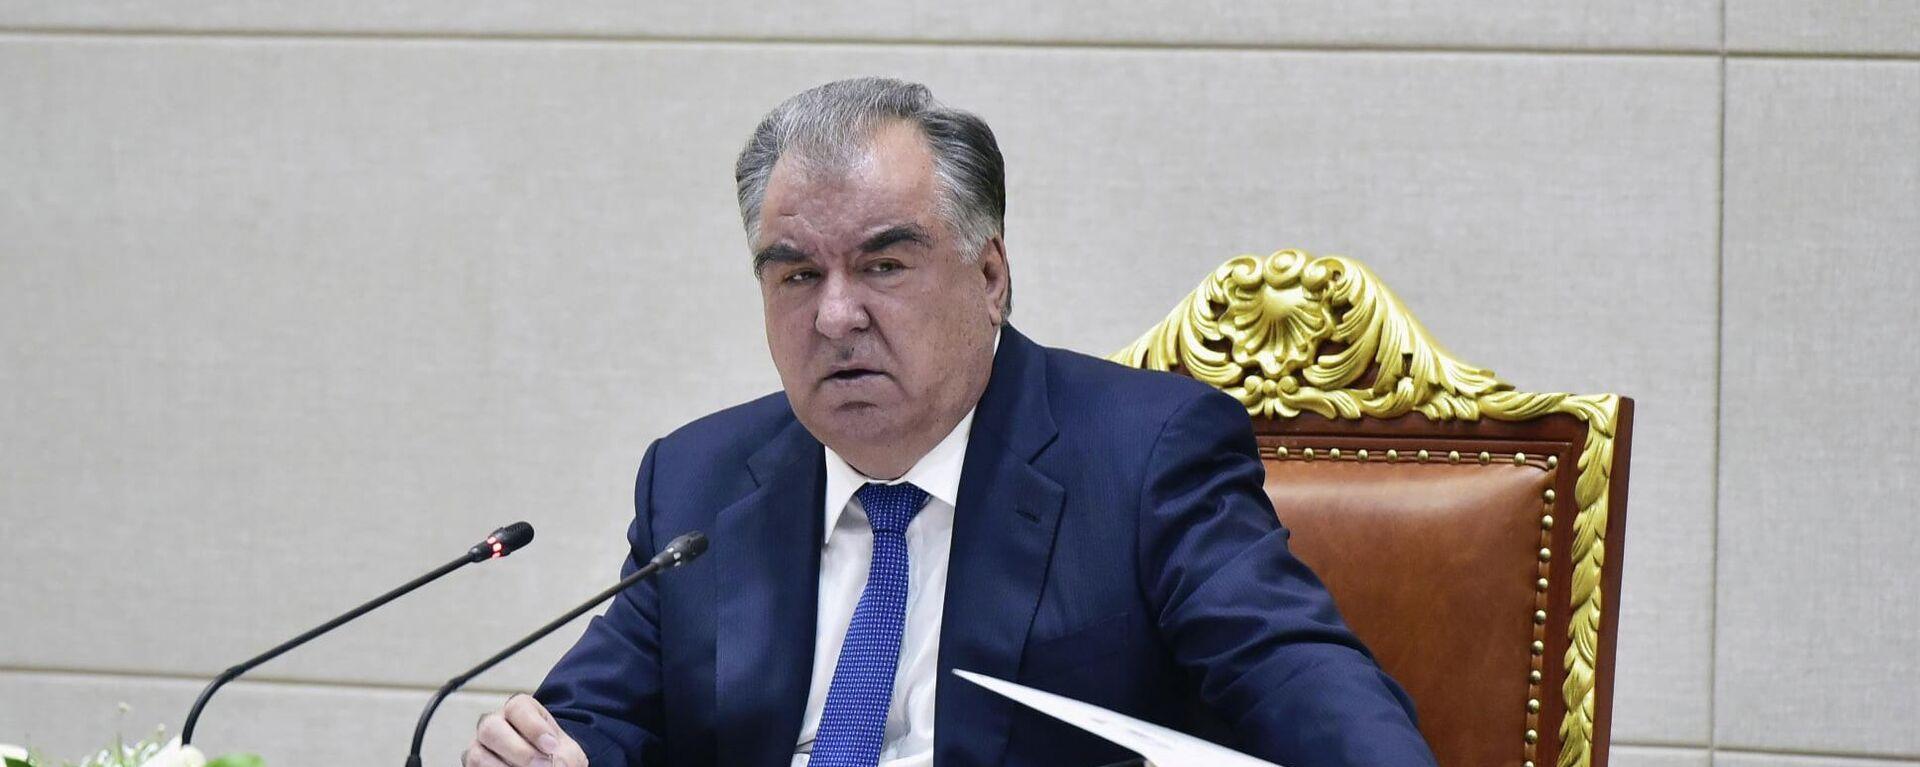 Prezident Tadjikistana Emomali Raxmon - Sputnik Oʻzbekiston, 1920, 05.07.2021